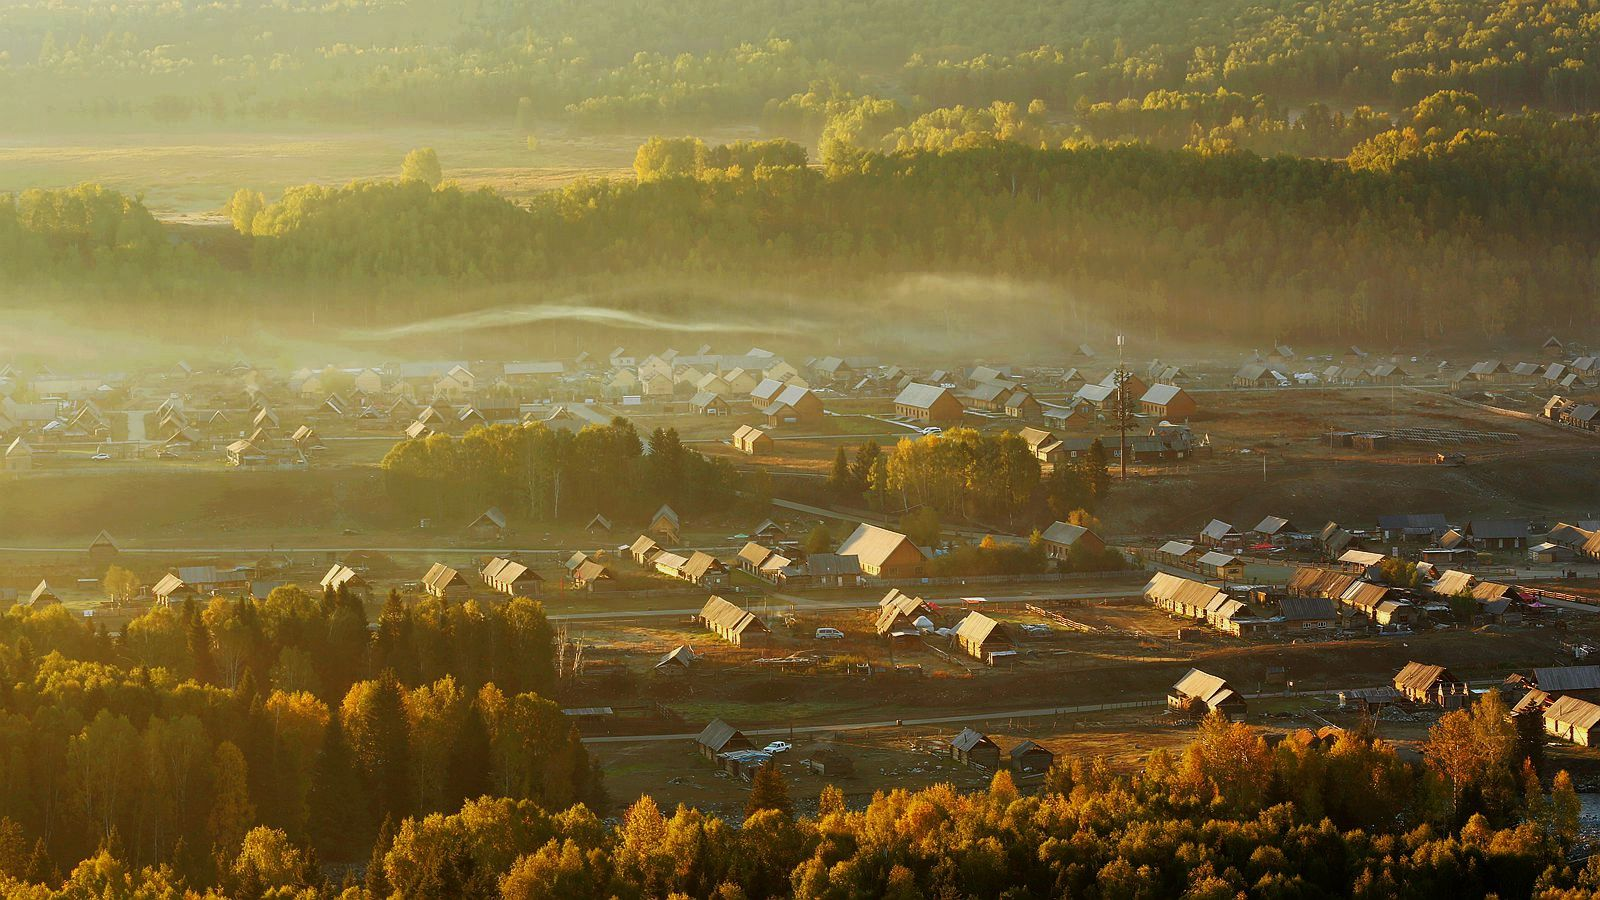 新疆禾木村白哈巴村旅游門票價格是多少?